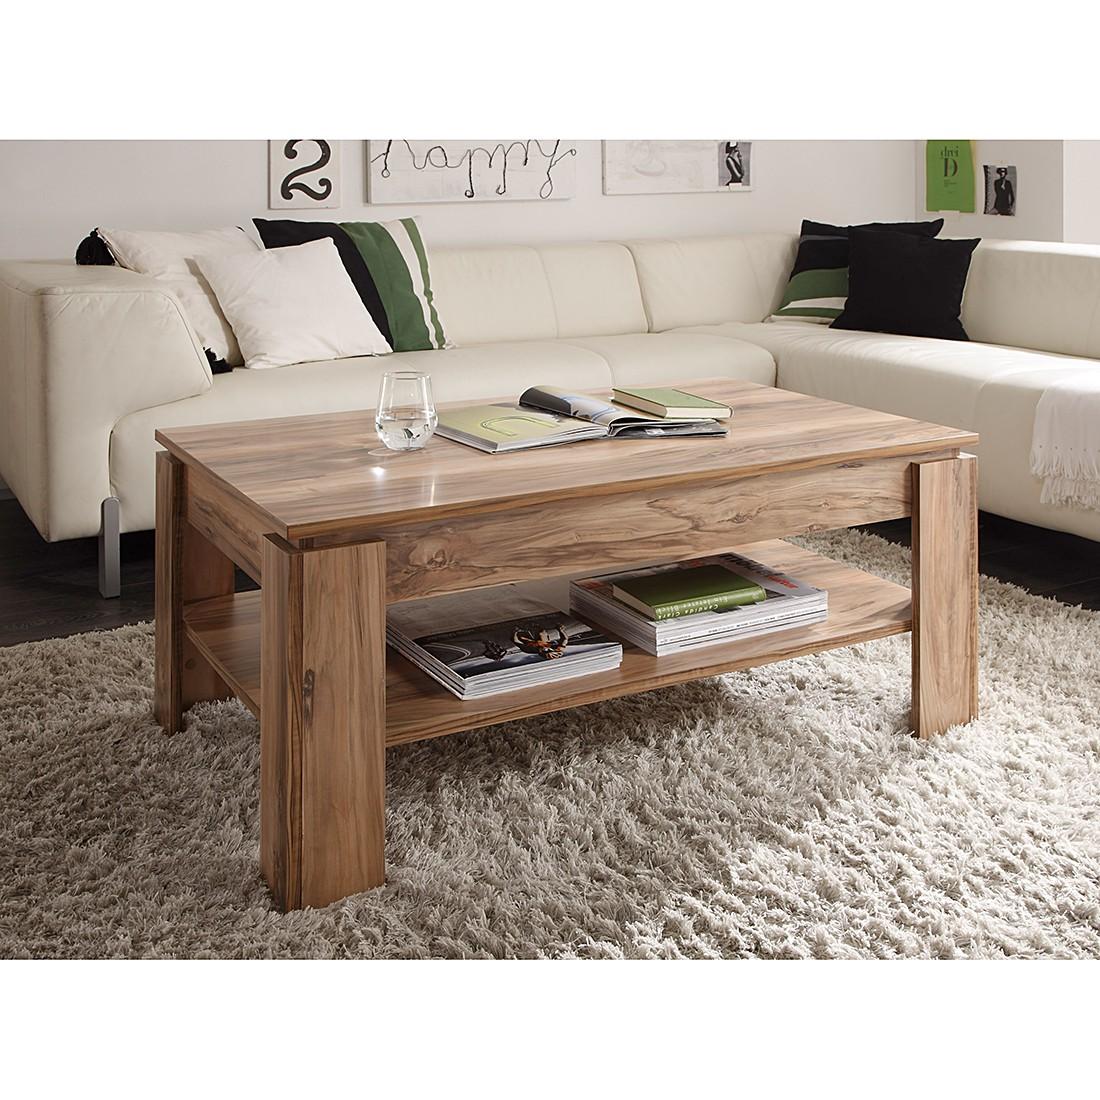 couchtisch elliot nu baum dekor beistelltisch couch tisch. Black Bedroom Furniture Sets. Home Design Ideas